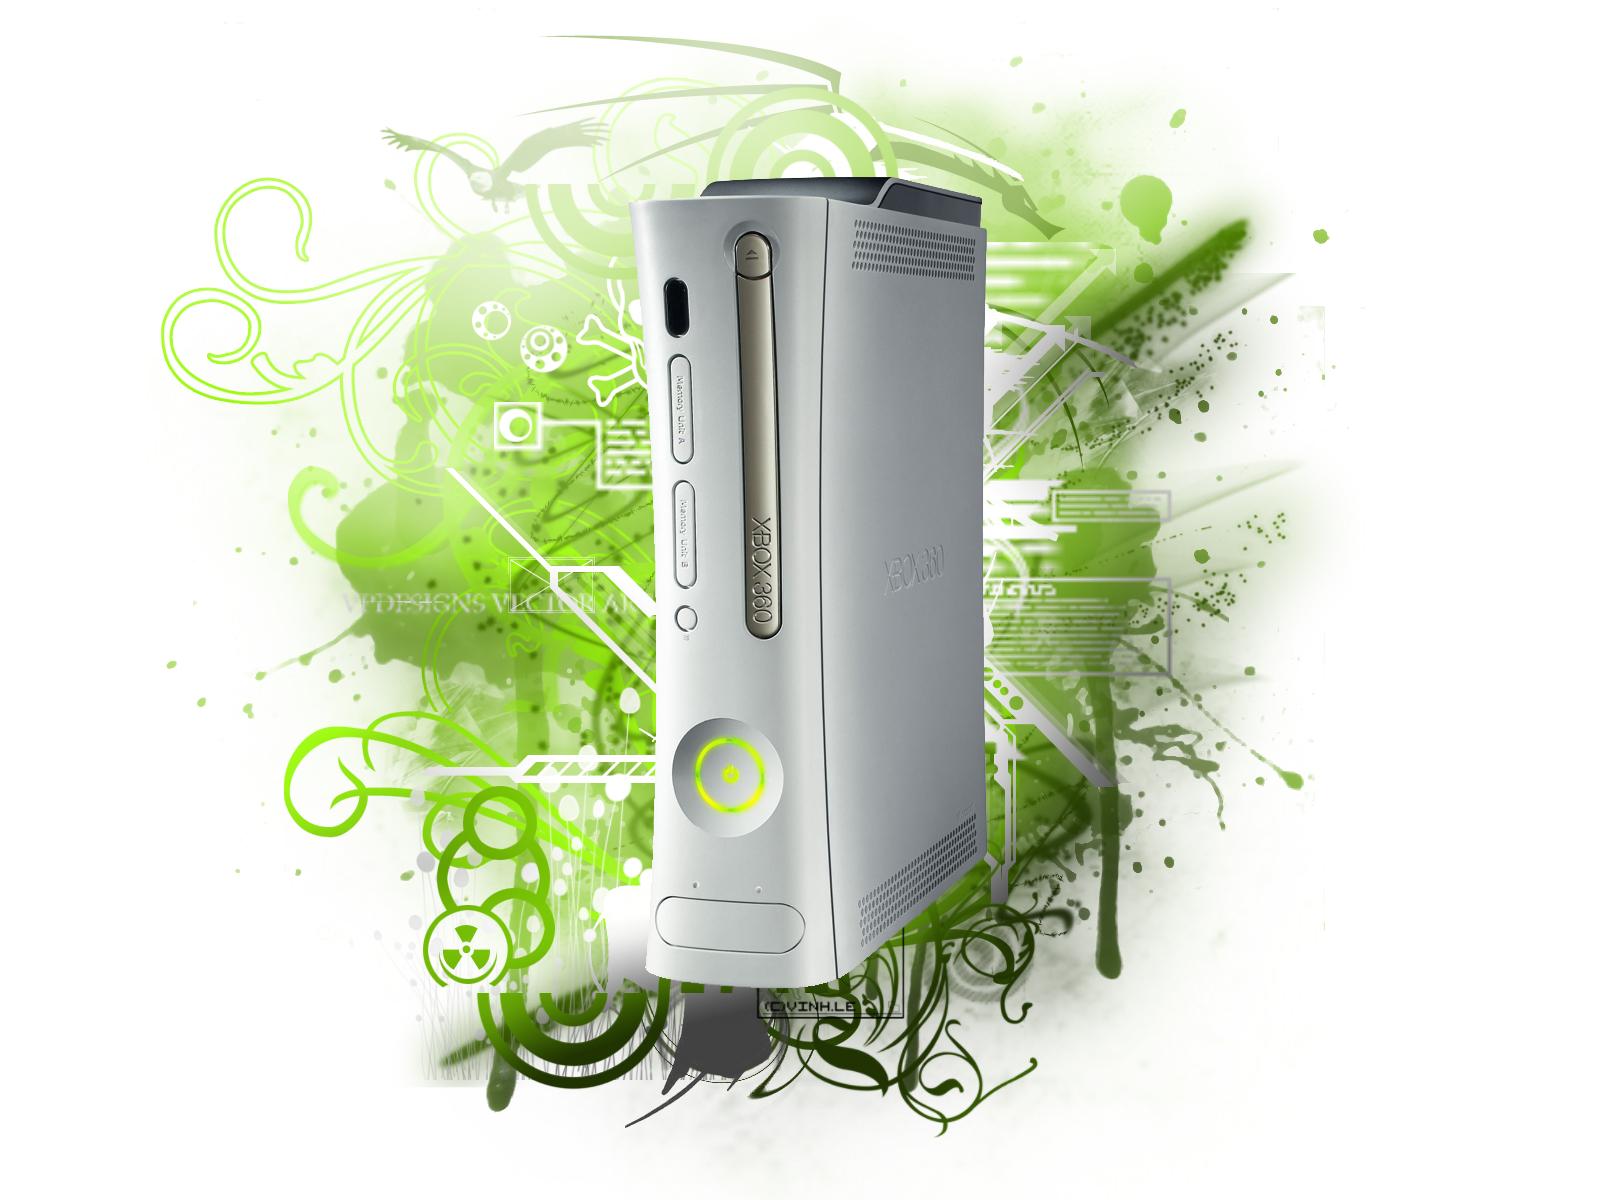 http://1.bp.blogspot.com/-Uqdvcl772nY/T9NJAMlGcTI/AAAAAAAAABY/k4NNe_cVCRM/s1600/Xbox_360.jpg